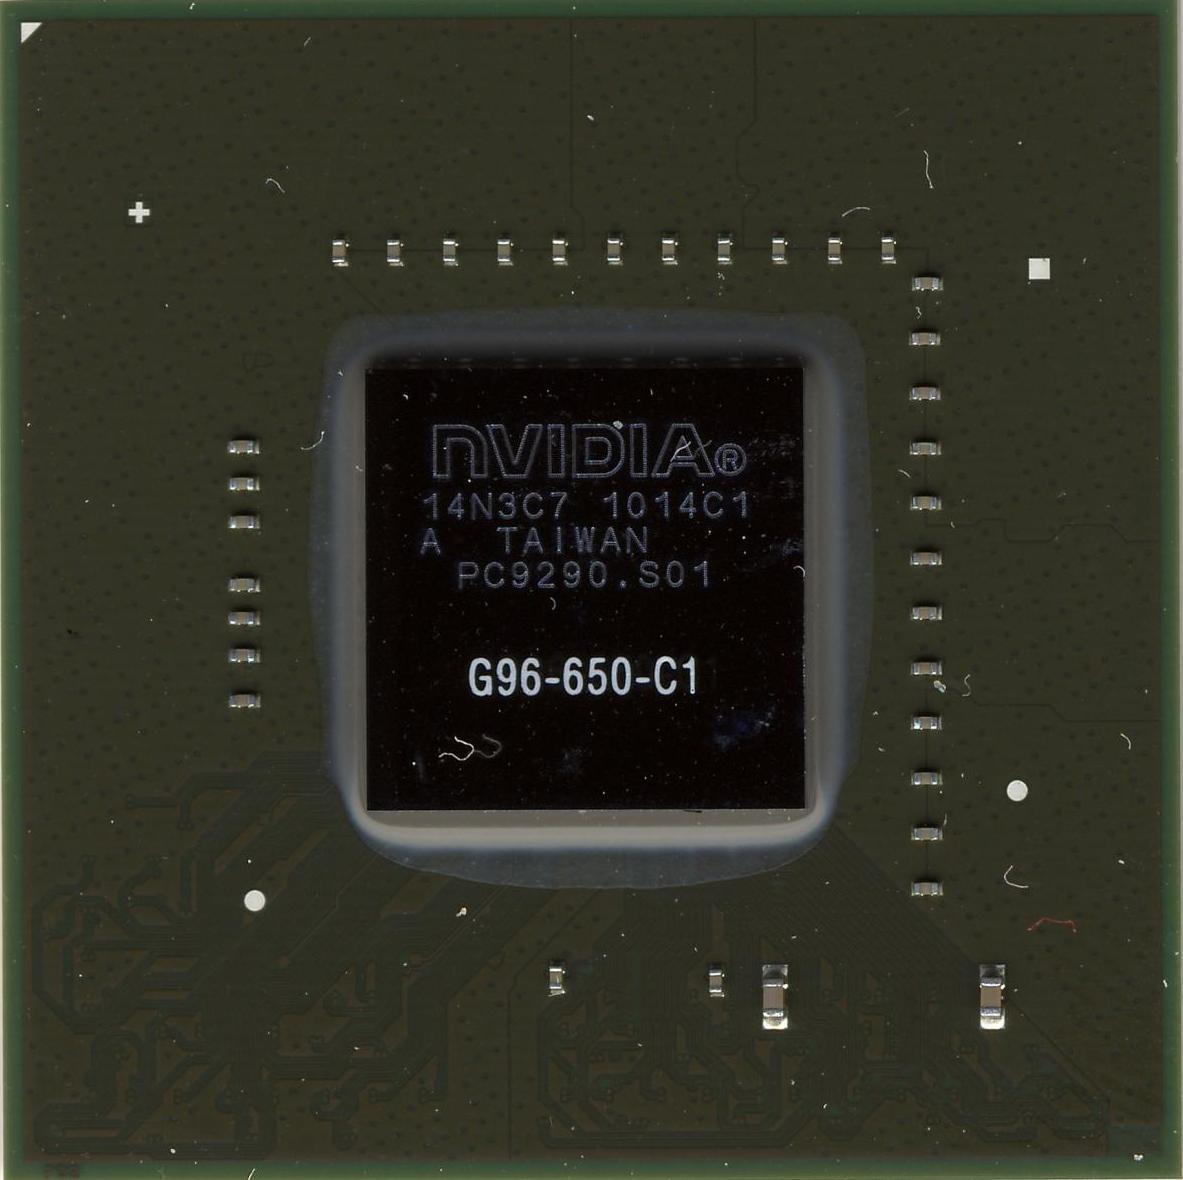 G96-650-C1